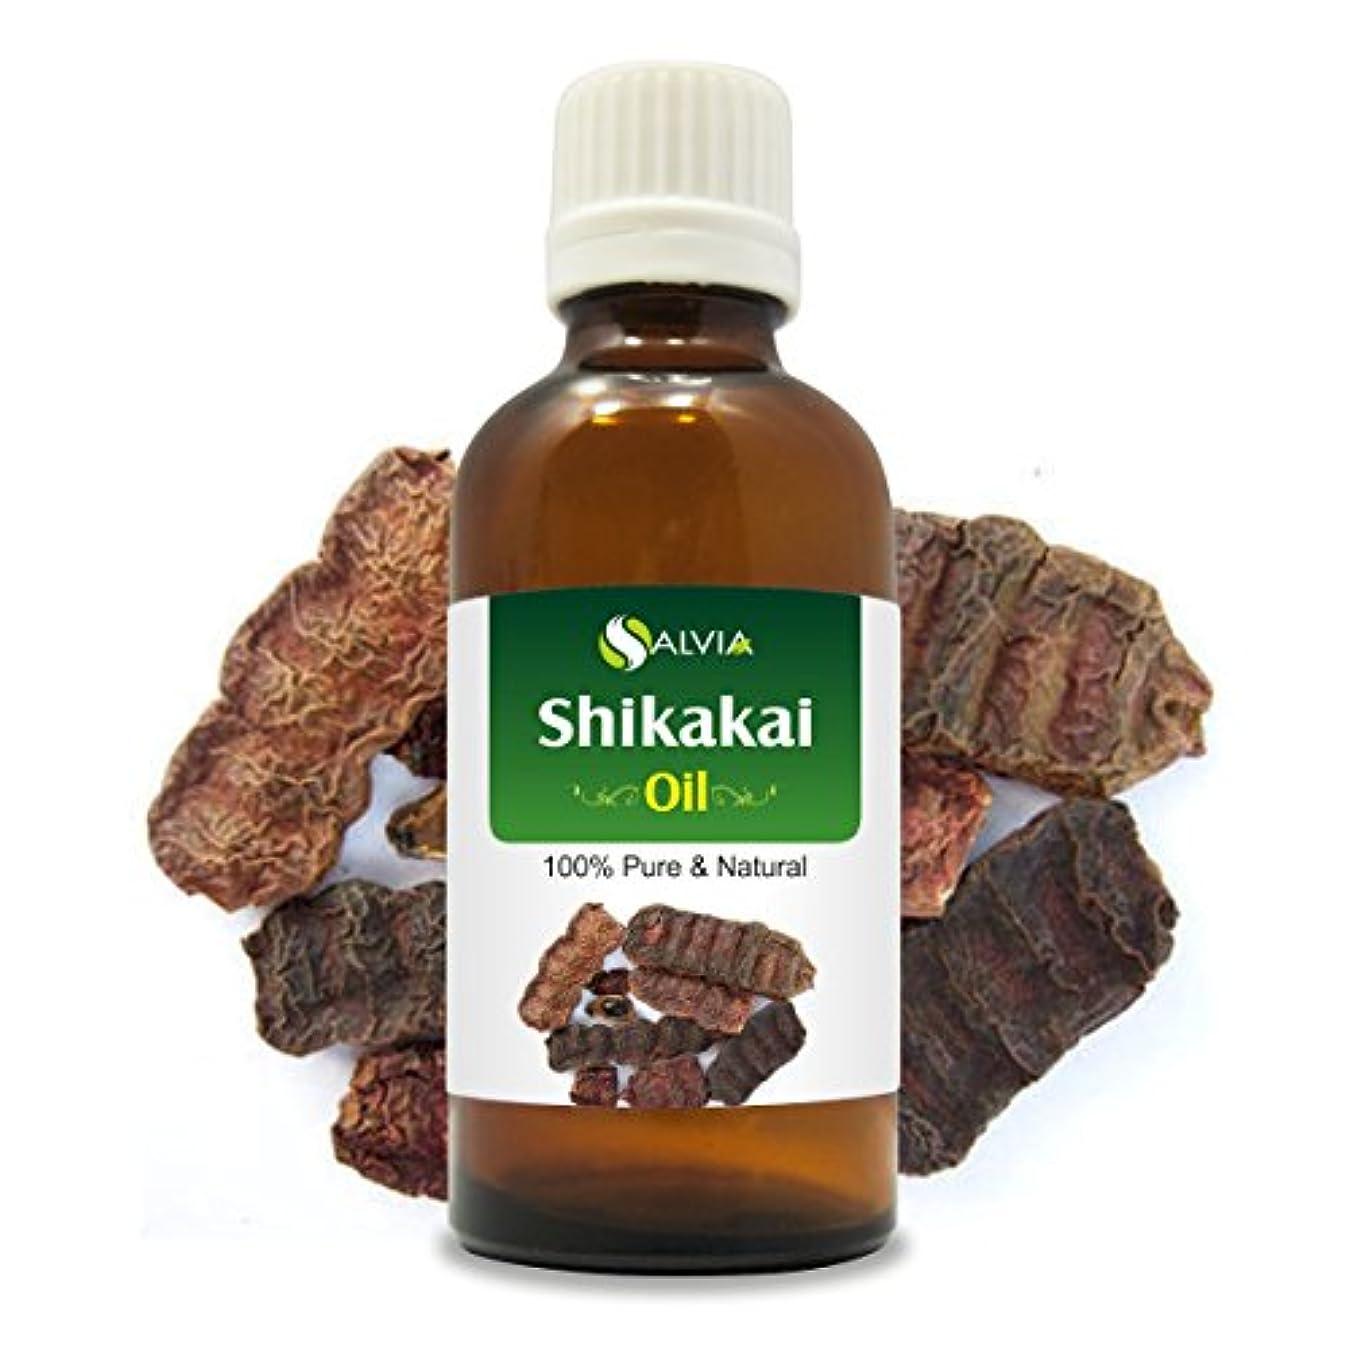 コンデンサーリテラシー明確なSHIKAKAI OIL 100% NATURAL PURE UNDILUTED UNCUT OIL 30ML